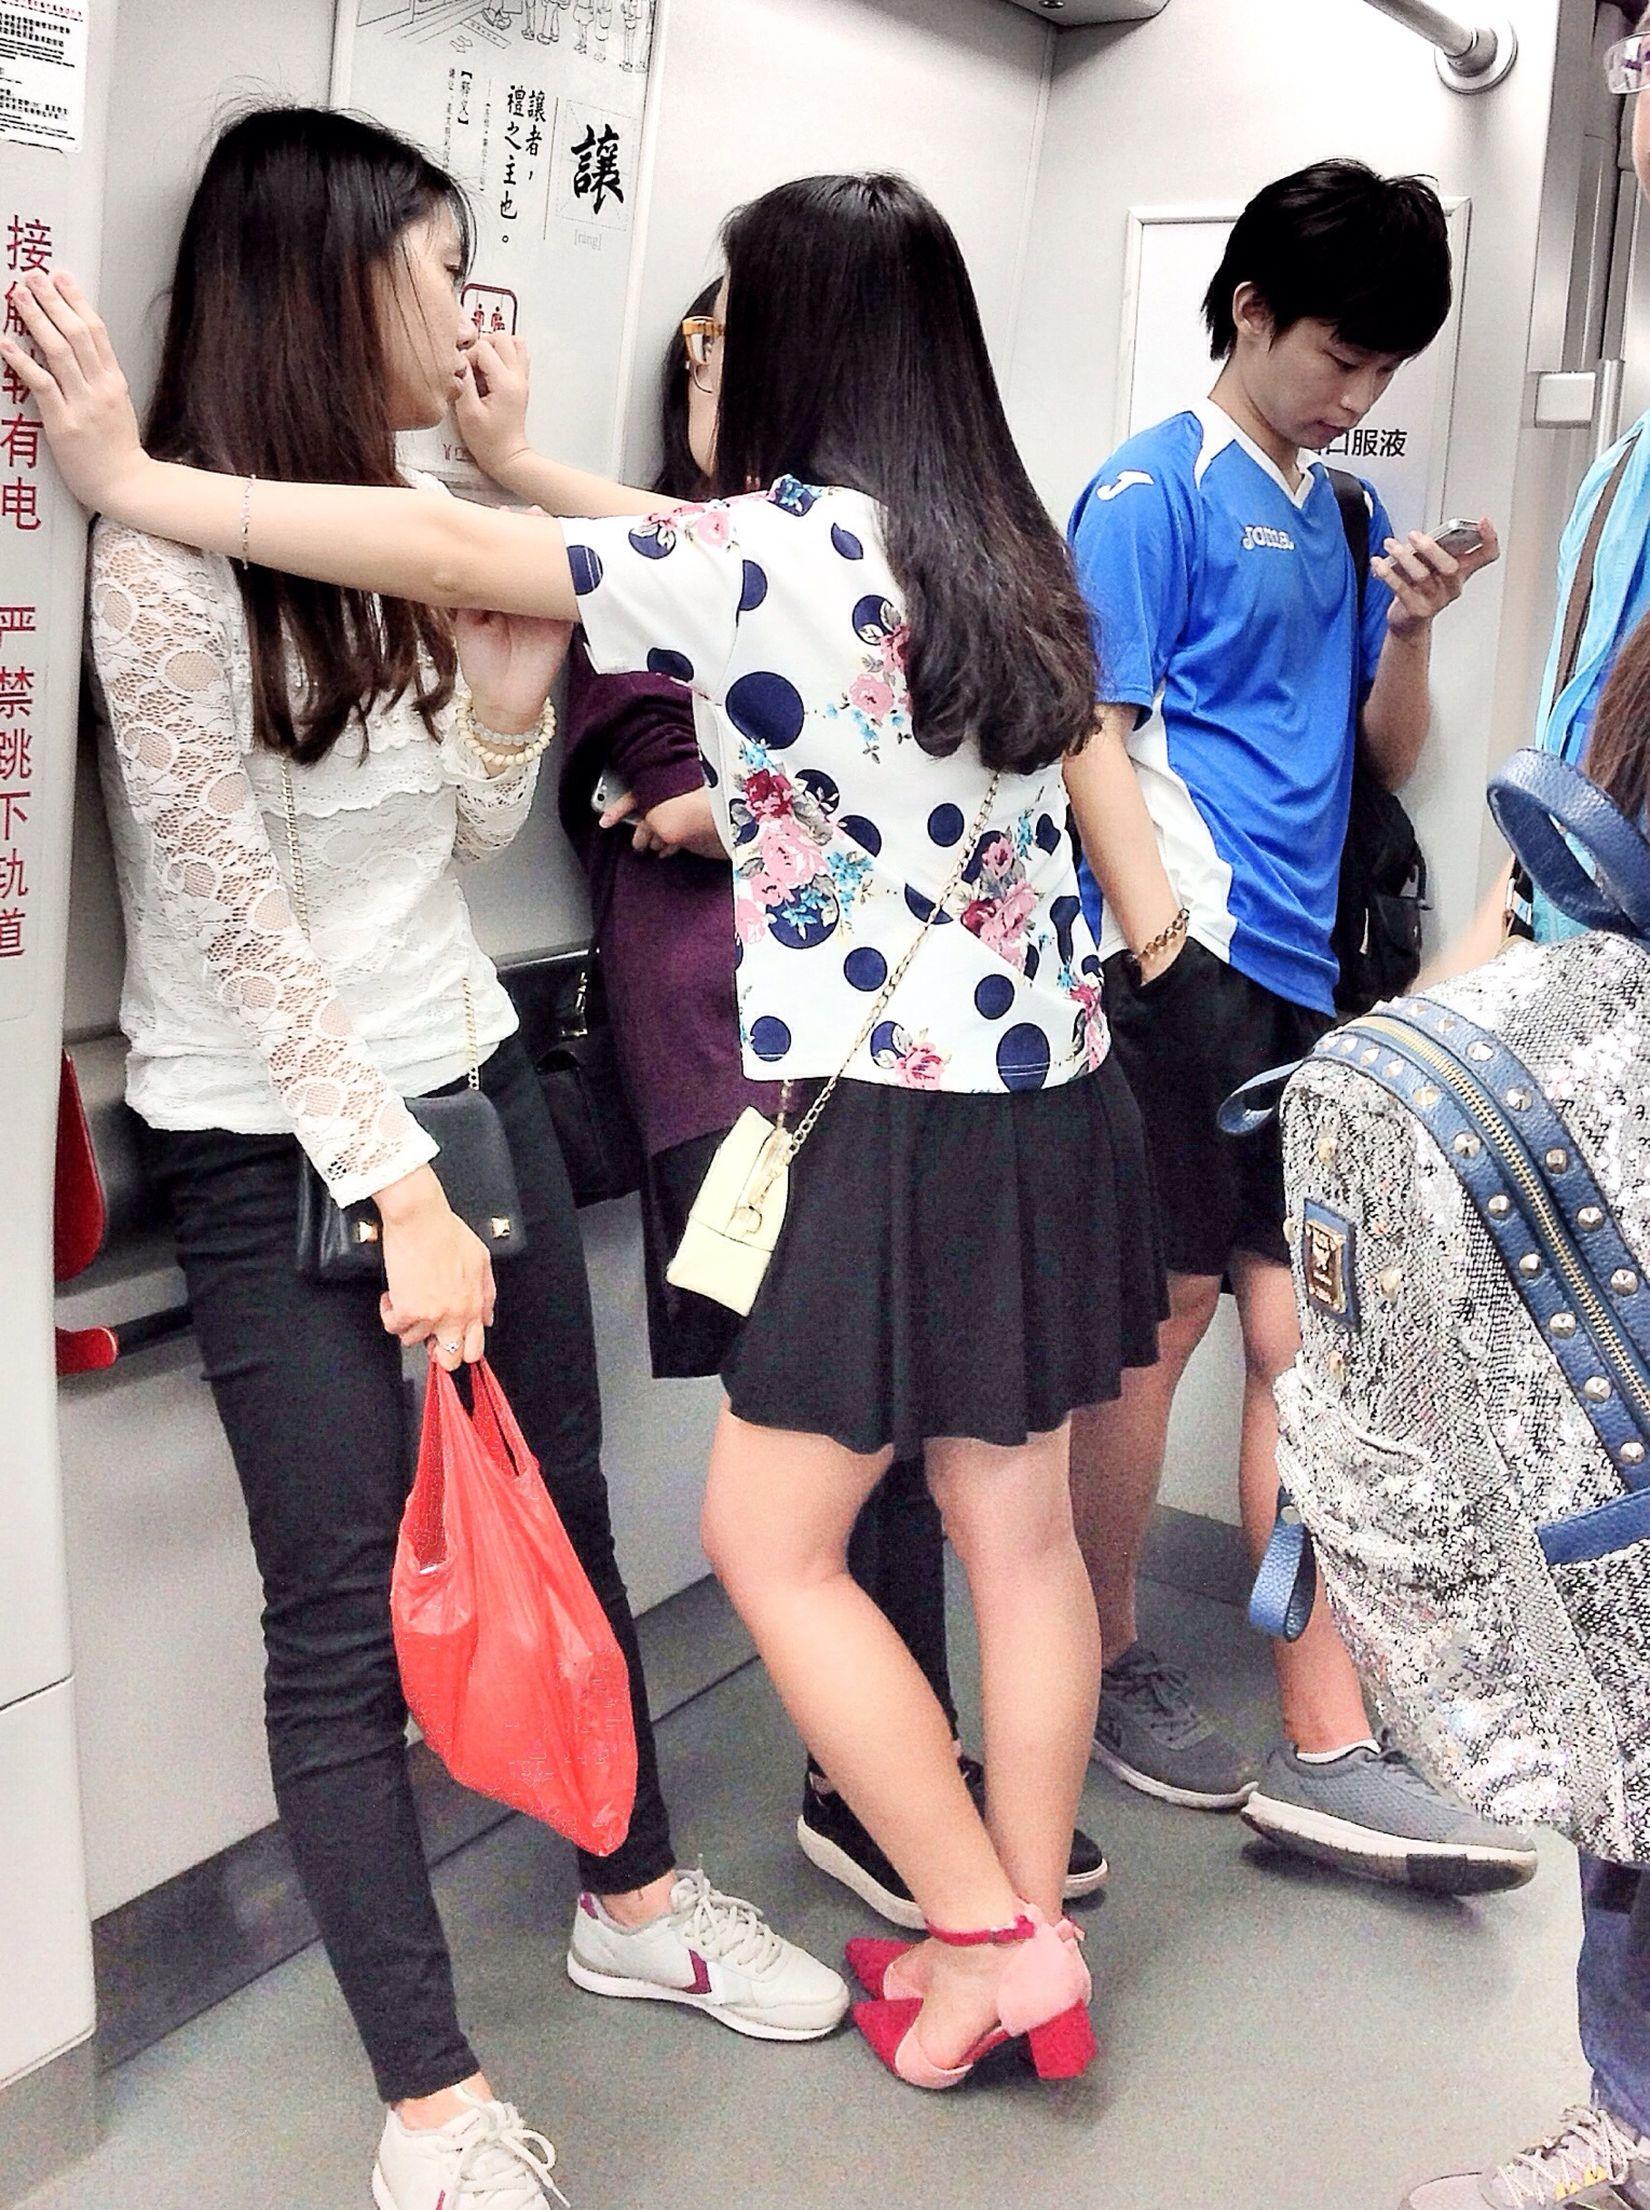 壁咚 Bidon Taking Pictures Taking Photos Streetphotography Well Turned Out Metro Photo People OpenEdit Snapshot EyeEm China